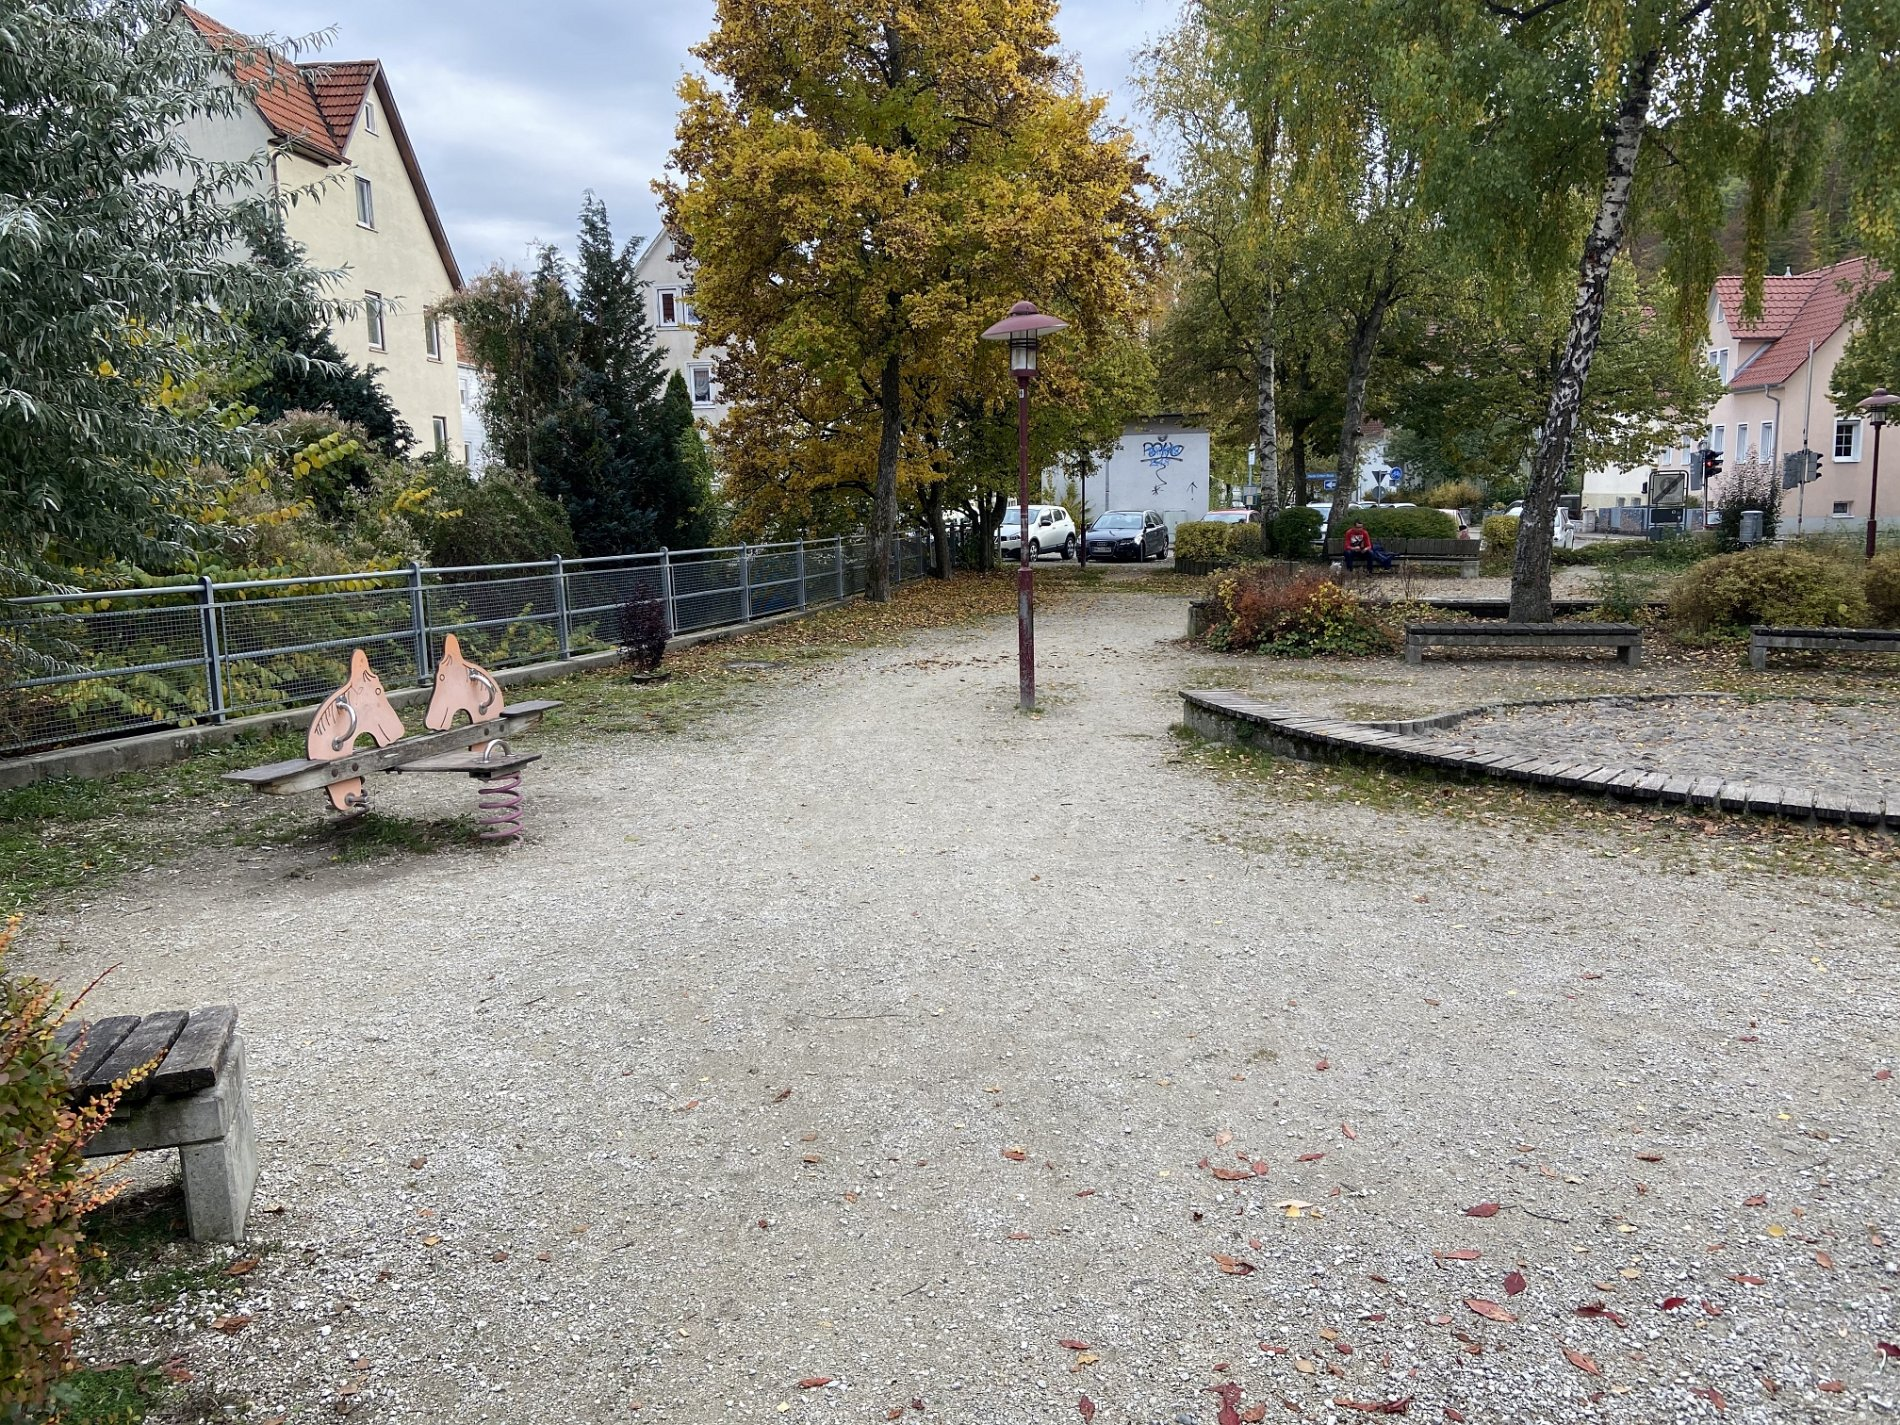 Spielplatz Uhlandsgarten Albstadt-Viel Platz zum toben!